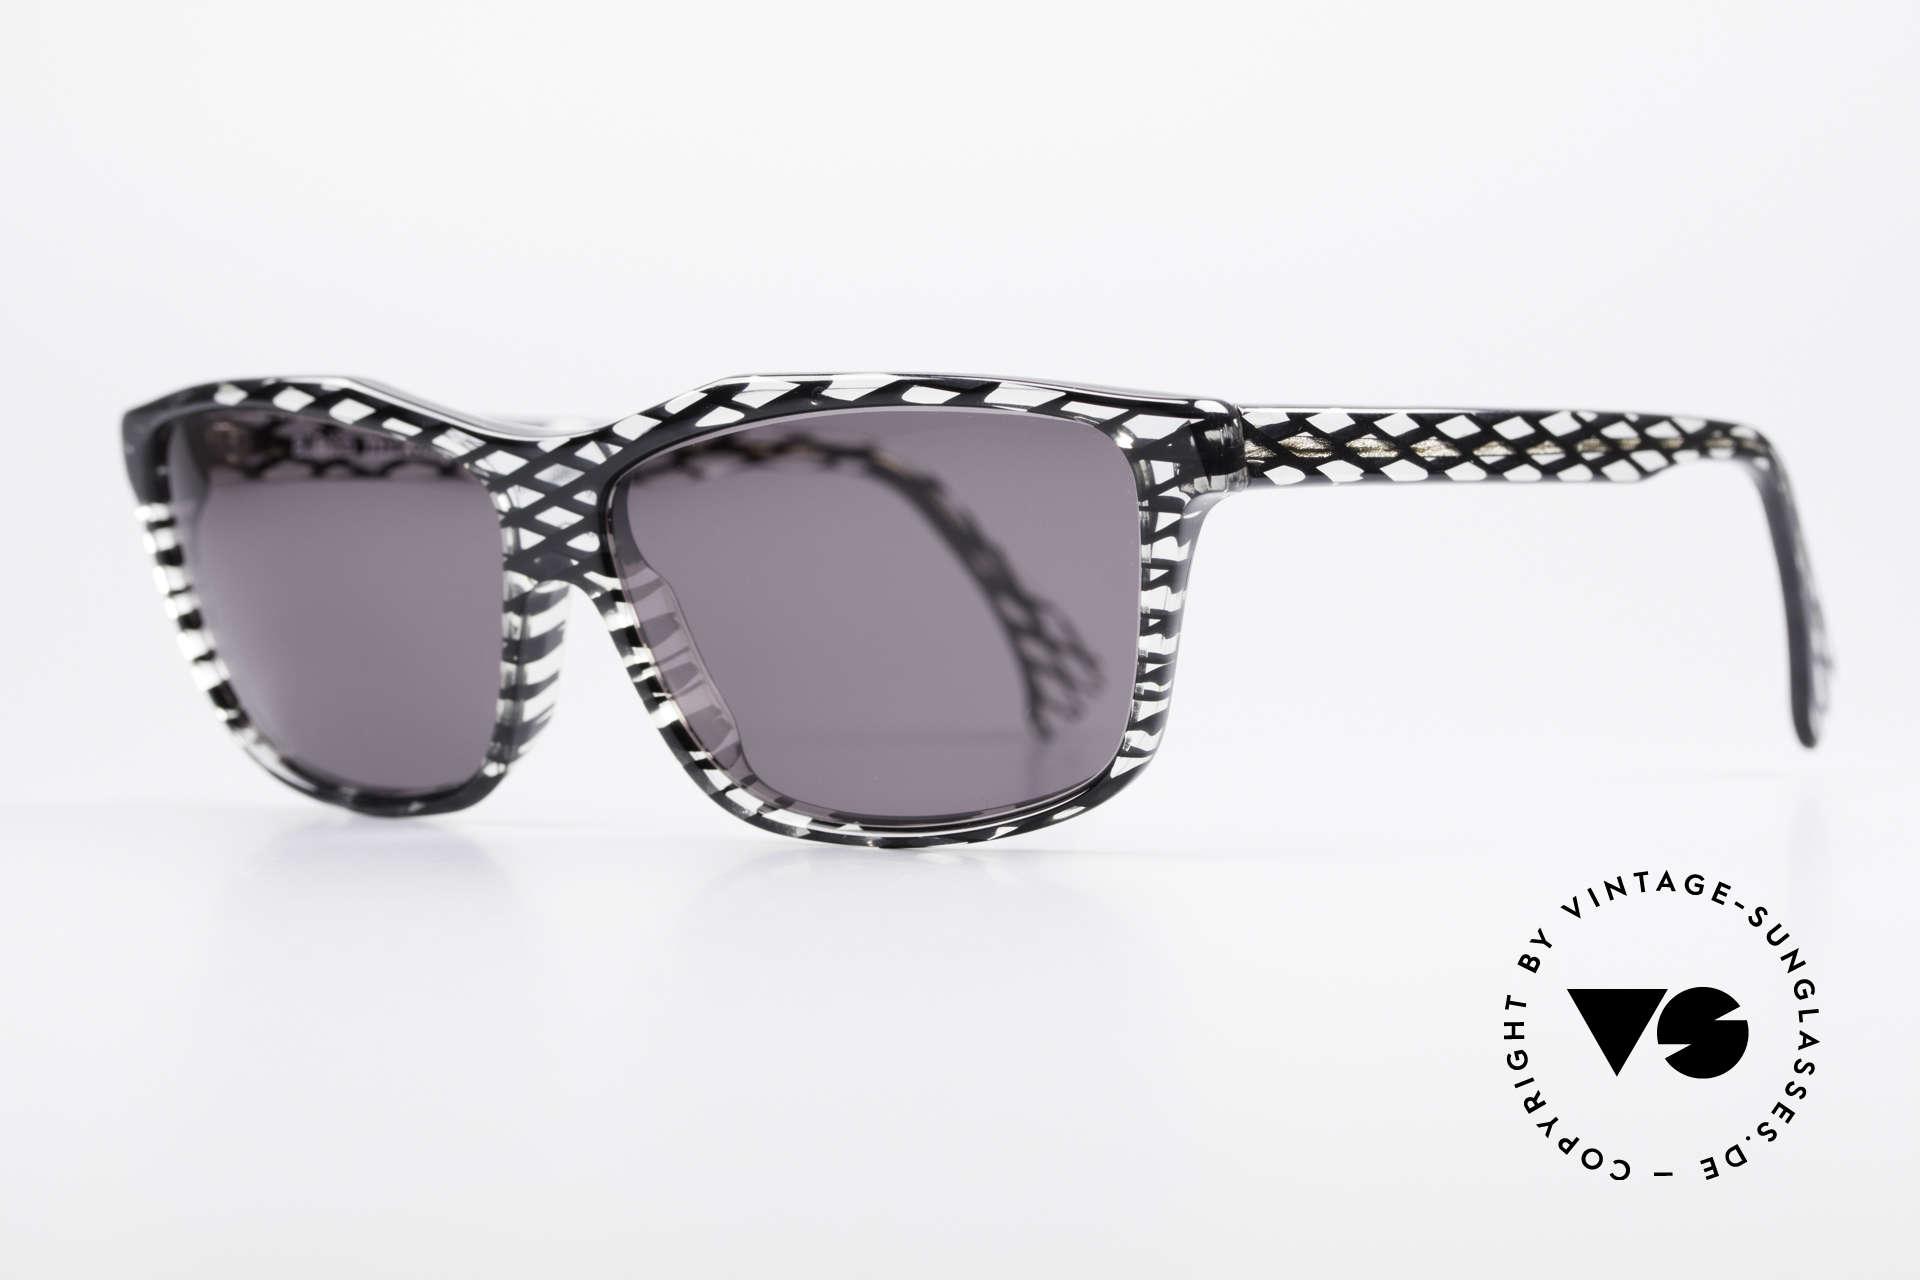 Alain Mikli 701 / 280 Gemusterte 80er Sonnenbrille, grau getönte CR39 Sonnengläser (100% UV Protection), Passend für Damen